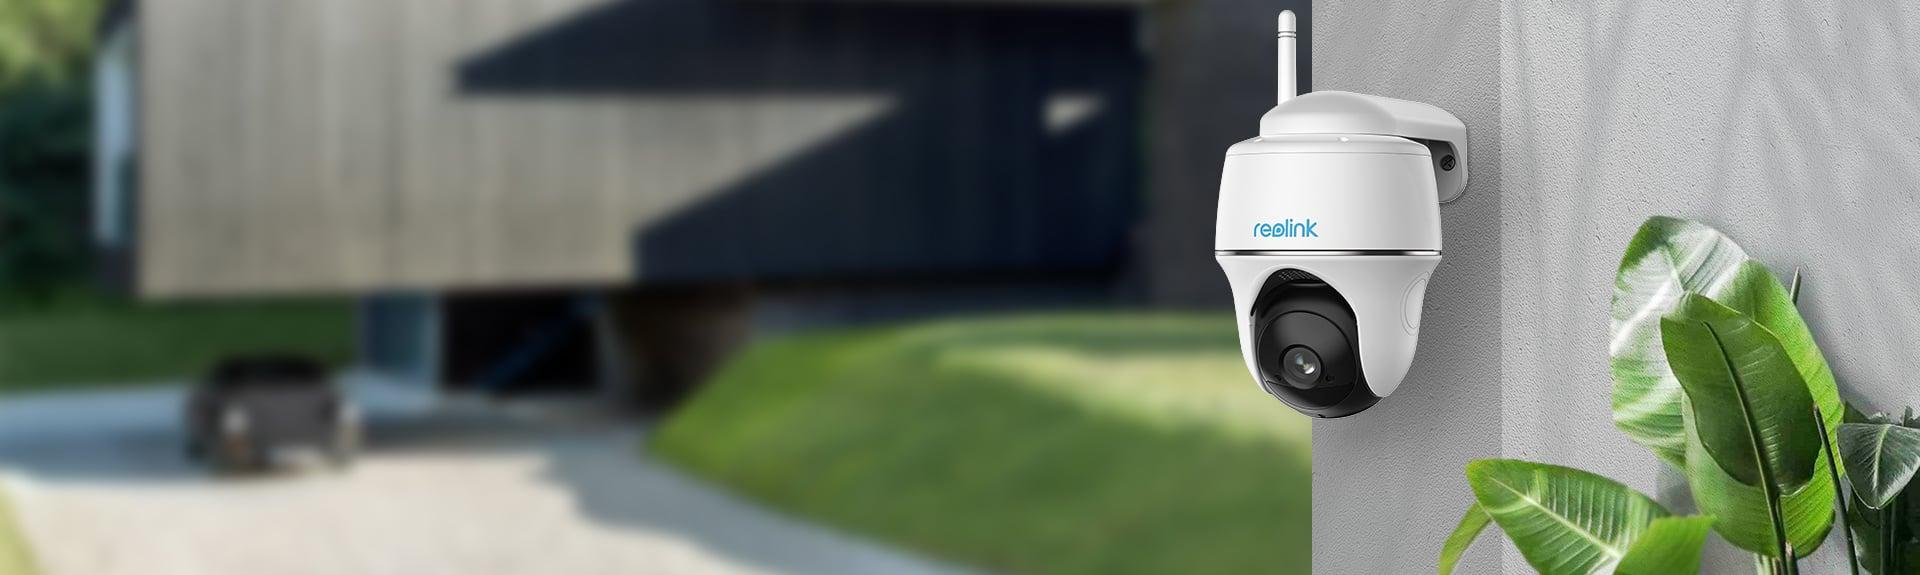 Argus PT kabellose IP Kamera mit Solarpanel